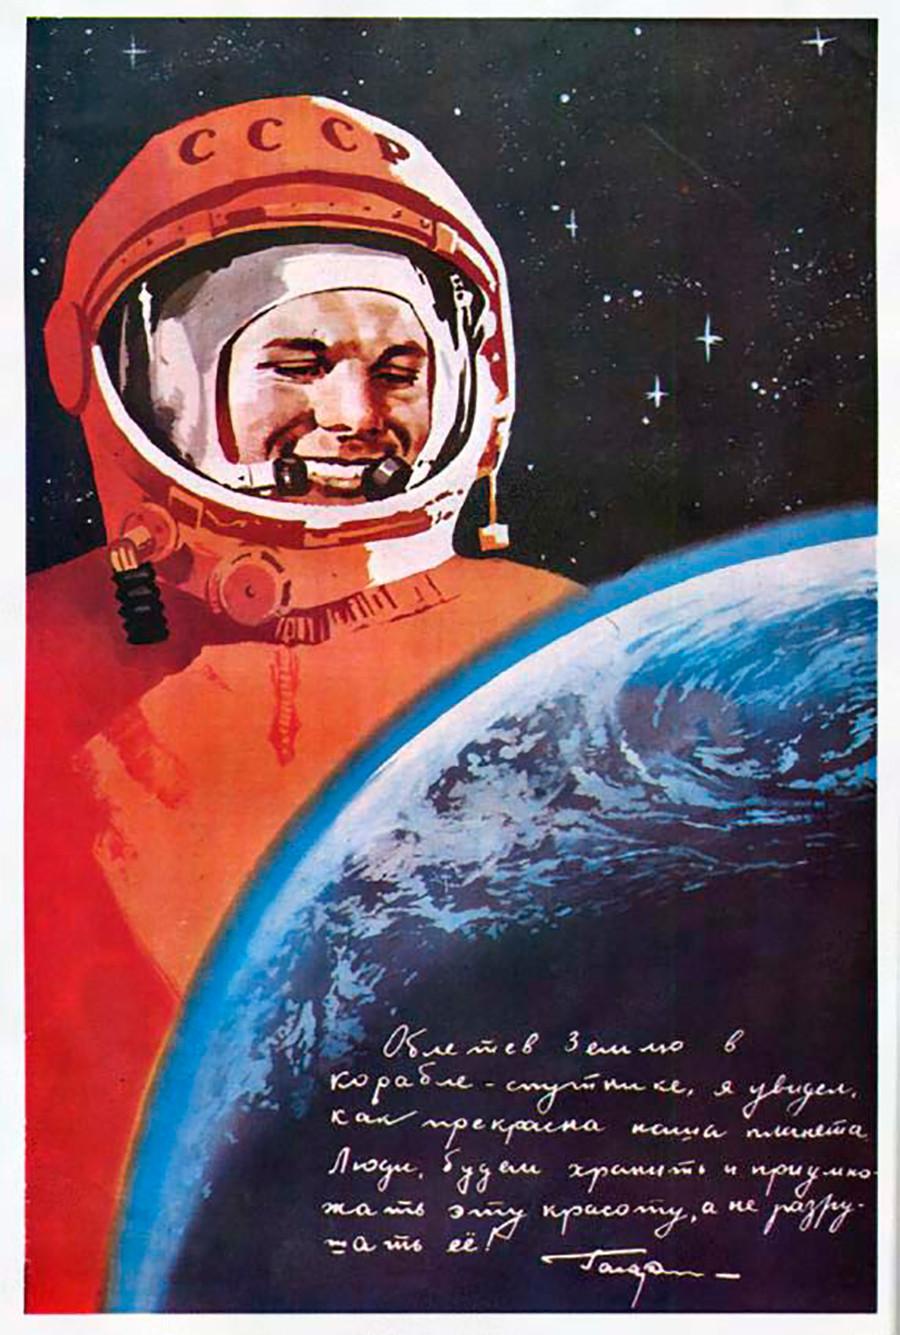 «En entrant en orbite terrestre avec ma navette, j'ai vu à quel point notre planète était belle. Peuple, préservons sa beauté, ne la détruisons pas!»